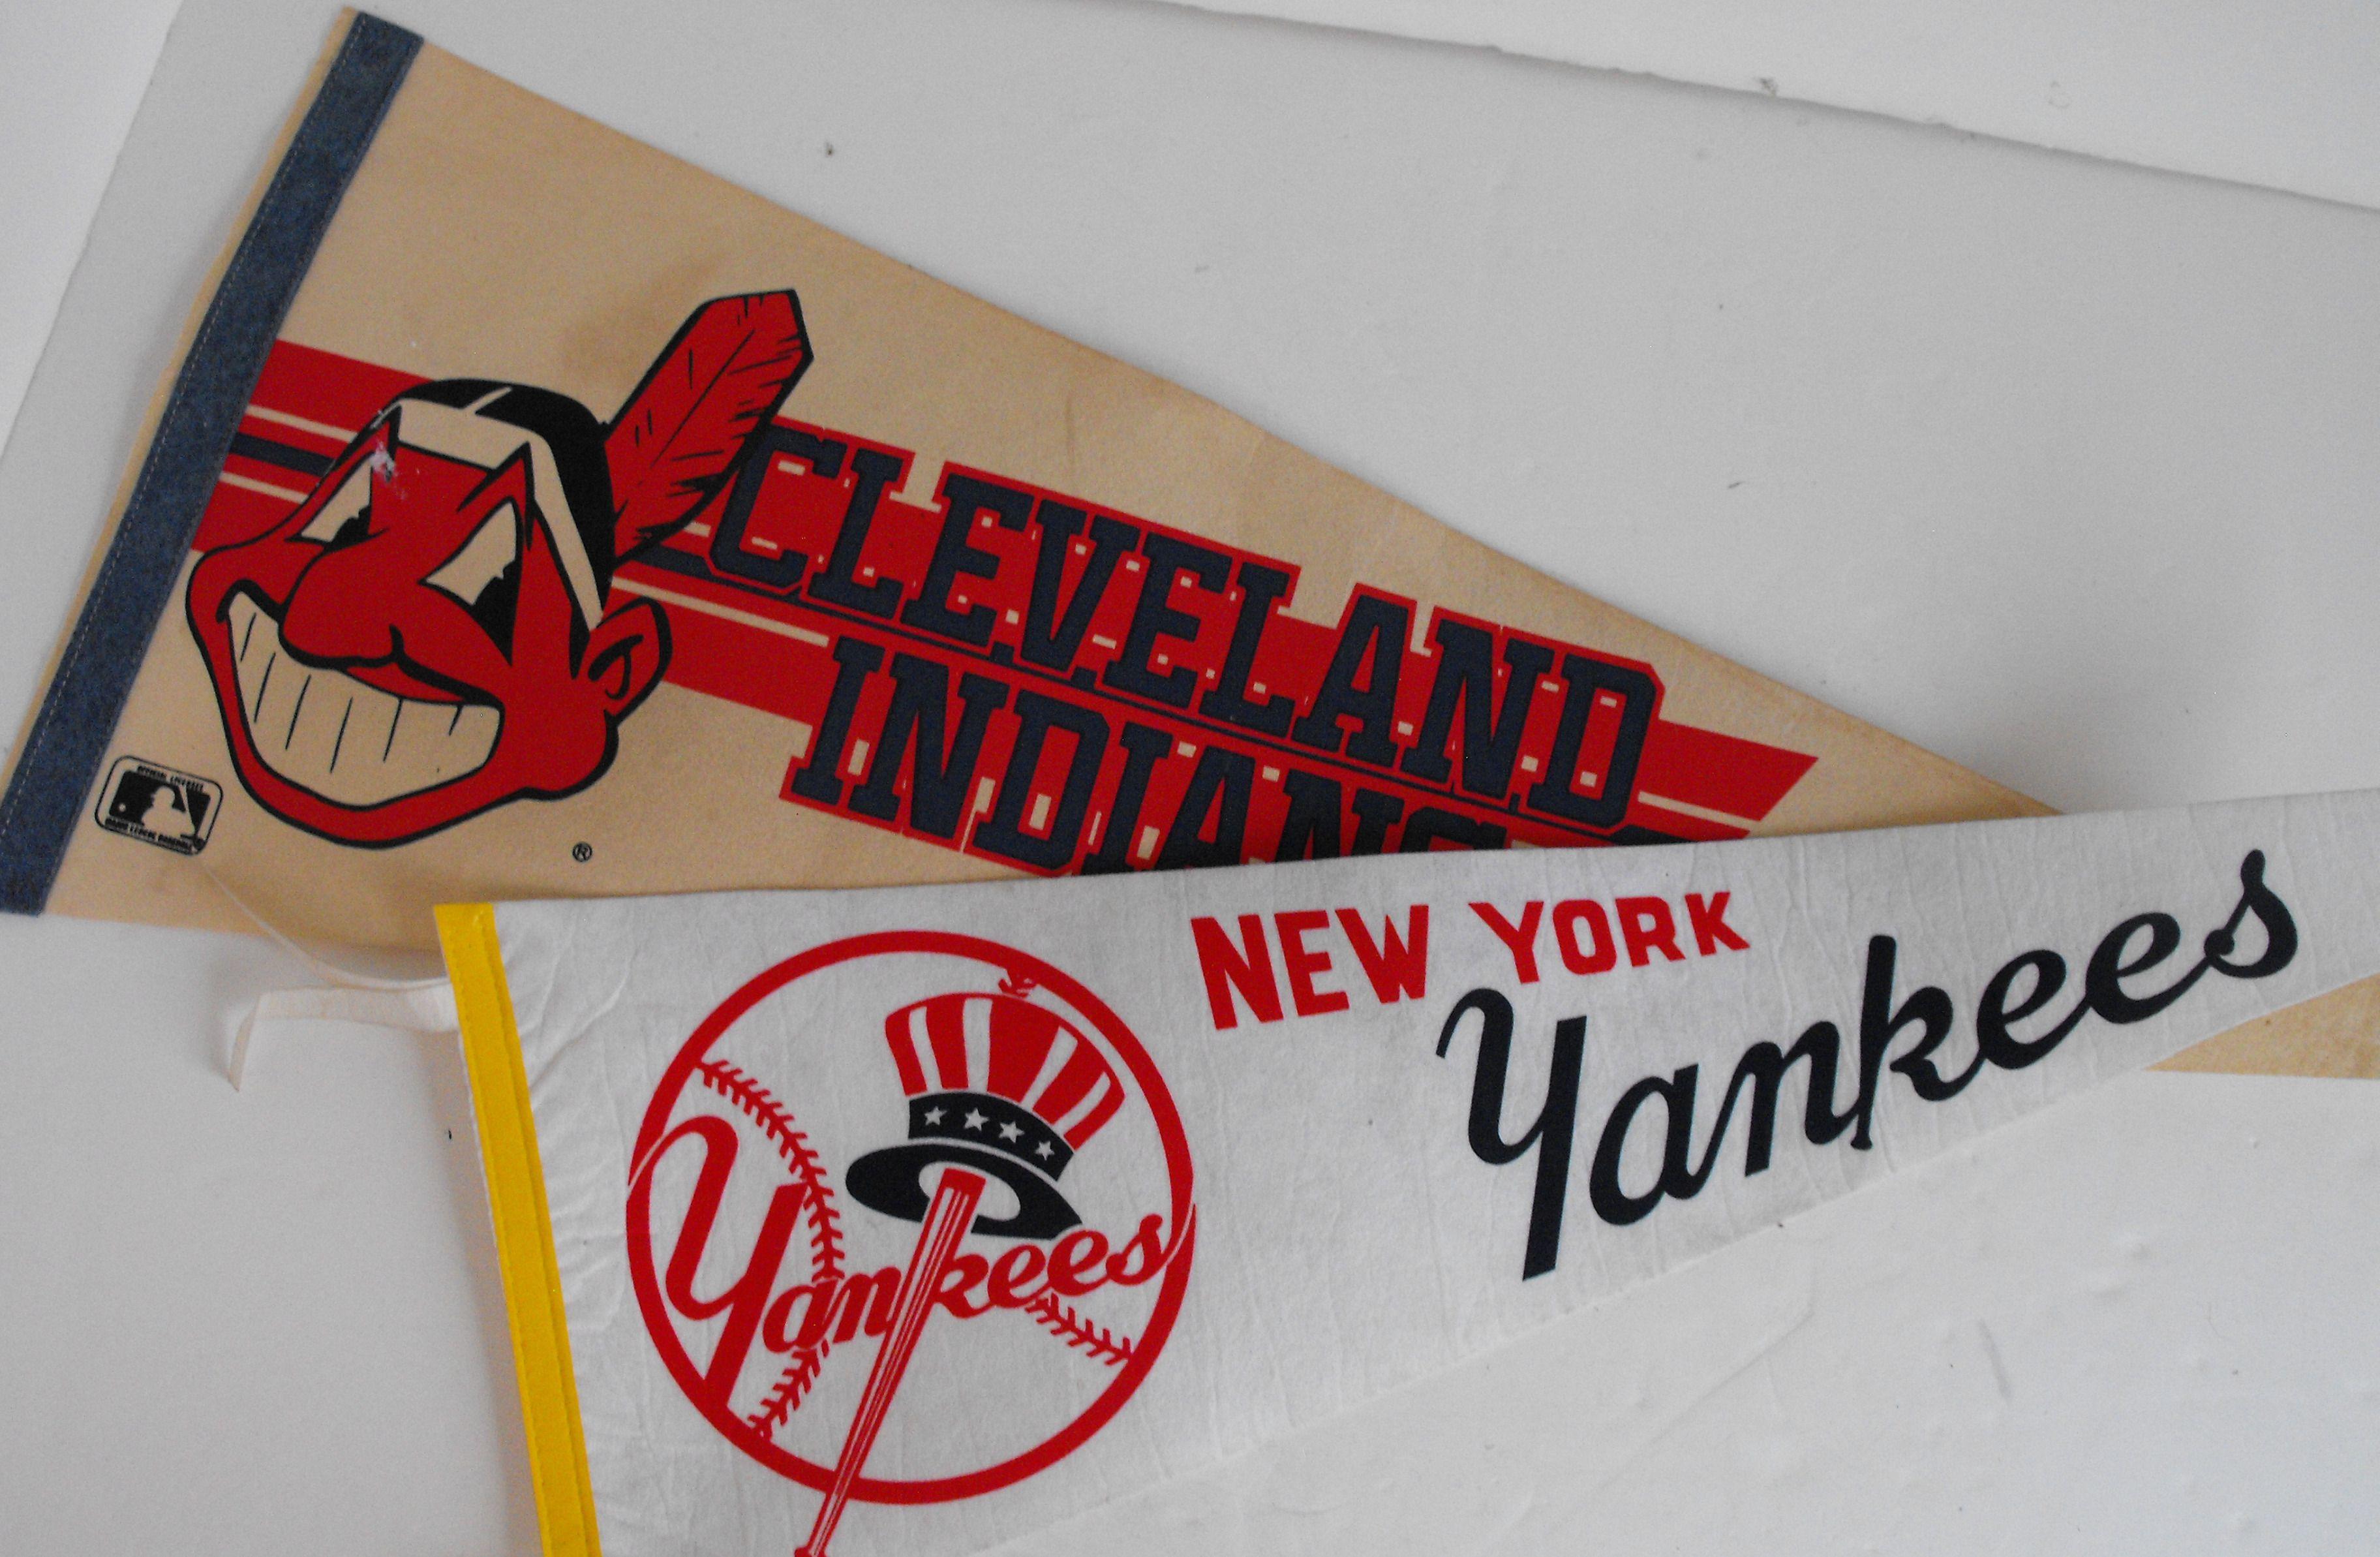 Ny Yankees Cleveland Indians Pennants 1858 Etsy Pennant Cleveland Indians Yankees